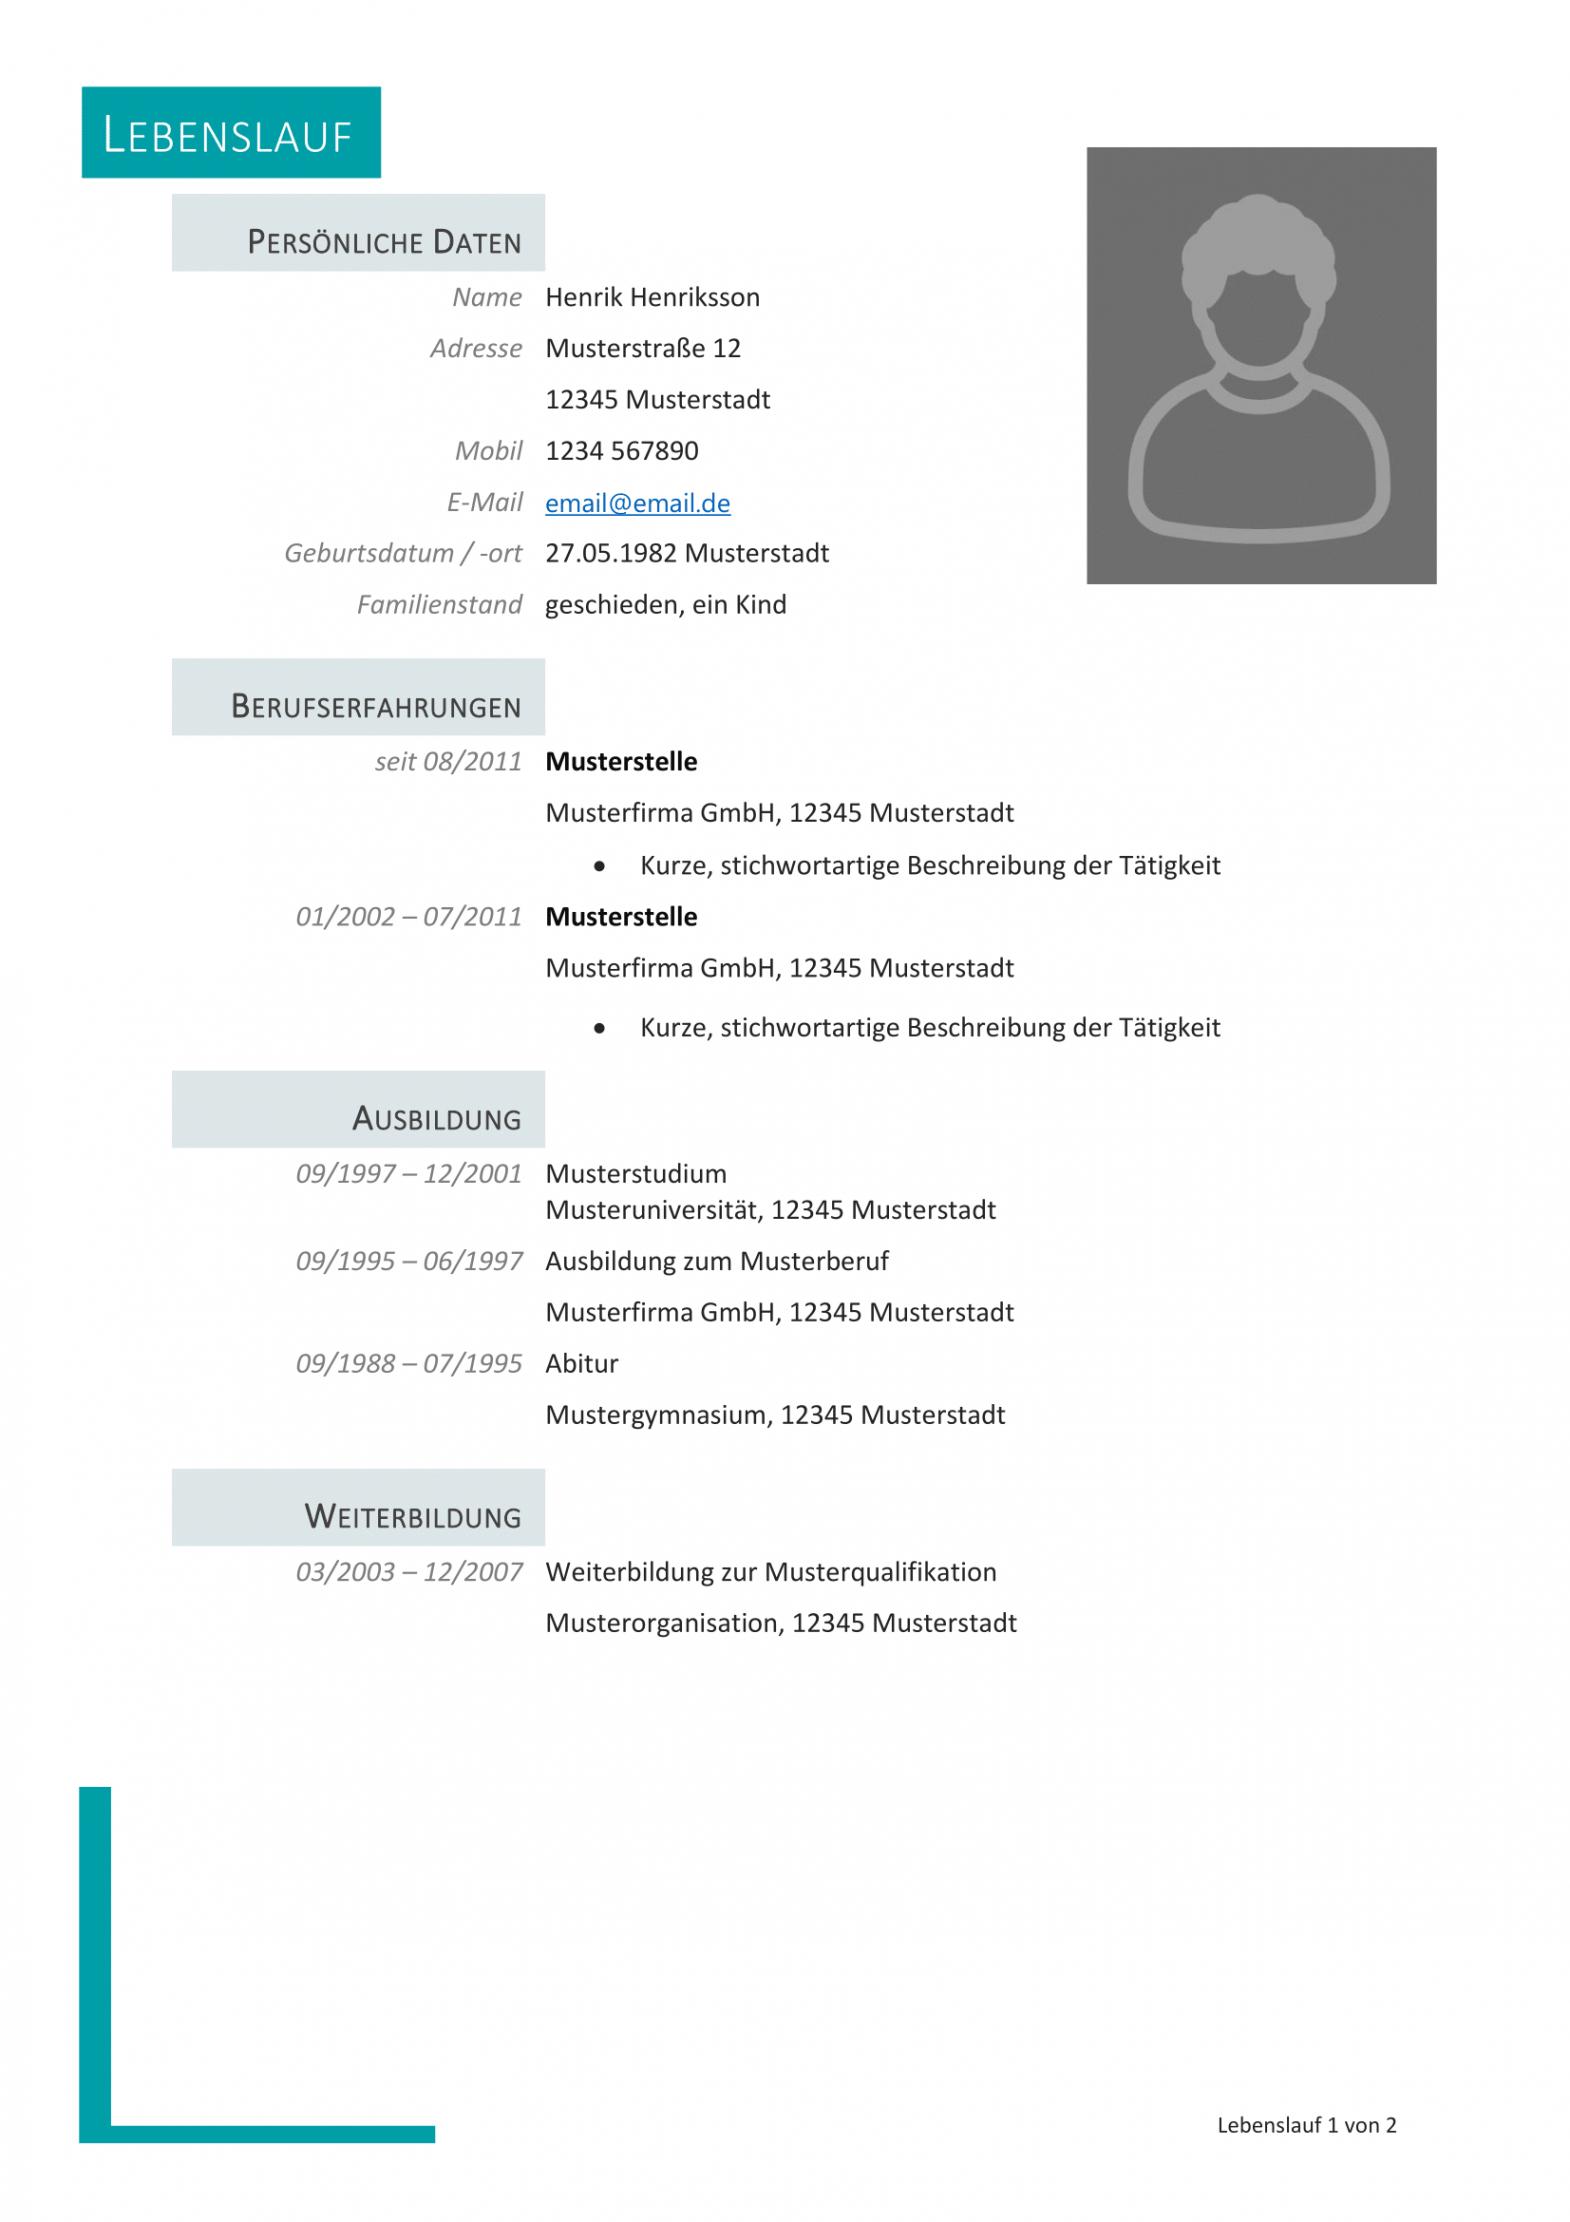 Kostenlose Lebenslauf Muster Und Vorlagen Für Deine Bewerbung 2018 Vorlage Lebenslauf Zum Ausfüllen